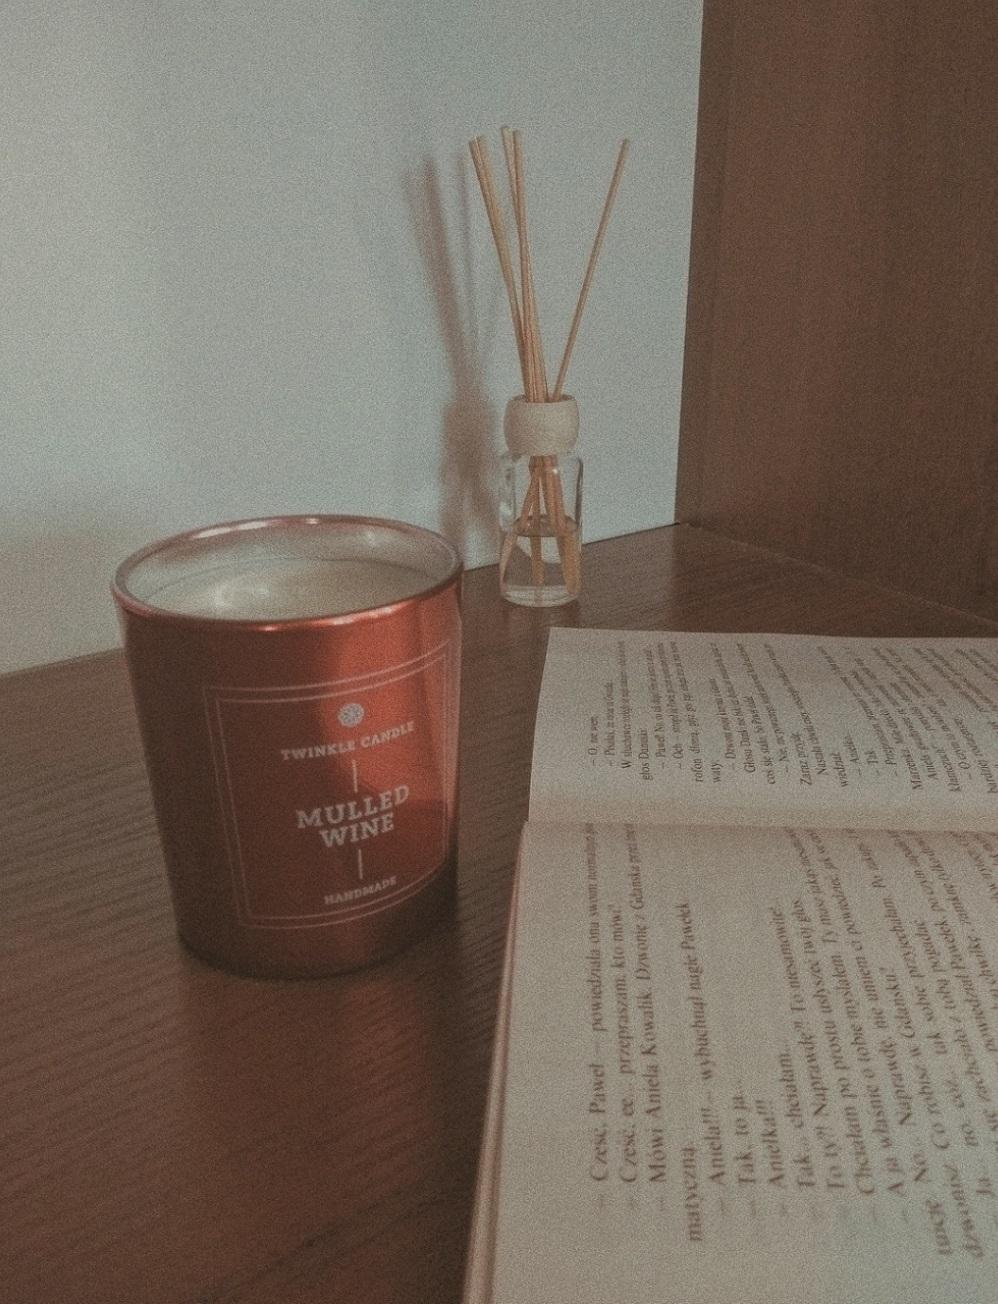 Afternoon tasty with Wicky: Zamówiłam świeczkę od Andziaks!